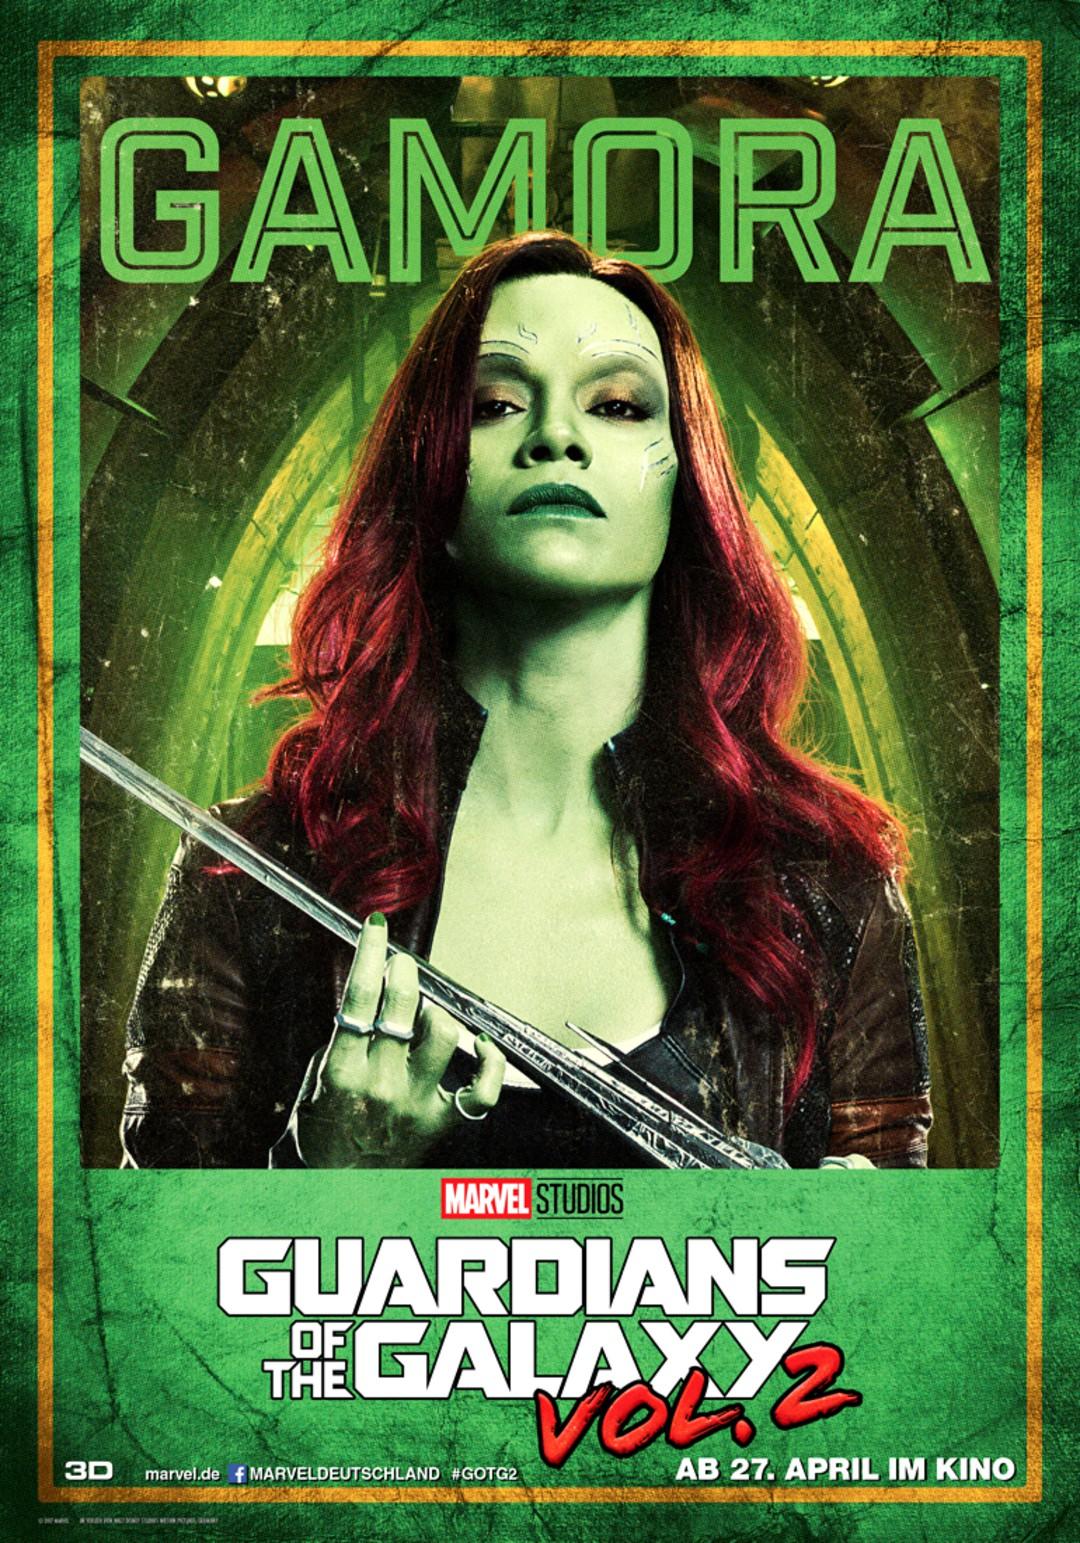 Guardians Of The Galaxy 2 - die neuen Charaktere - Bild 1 von 10